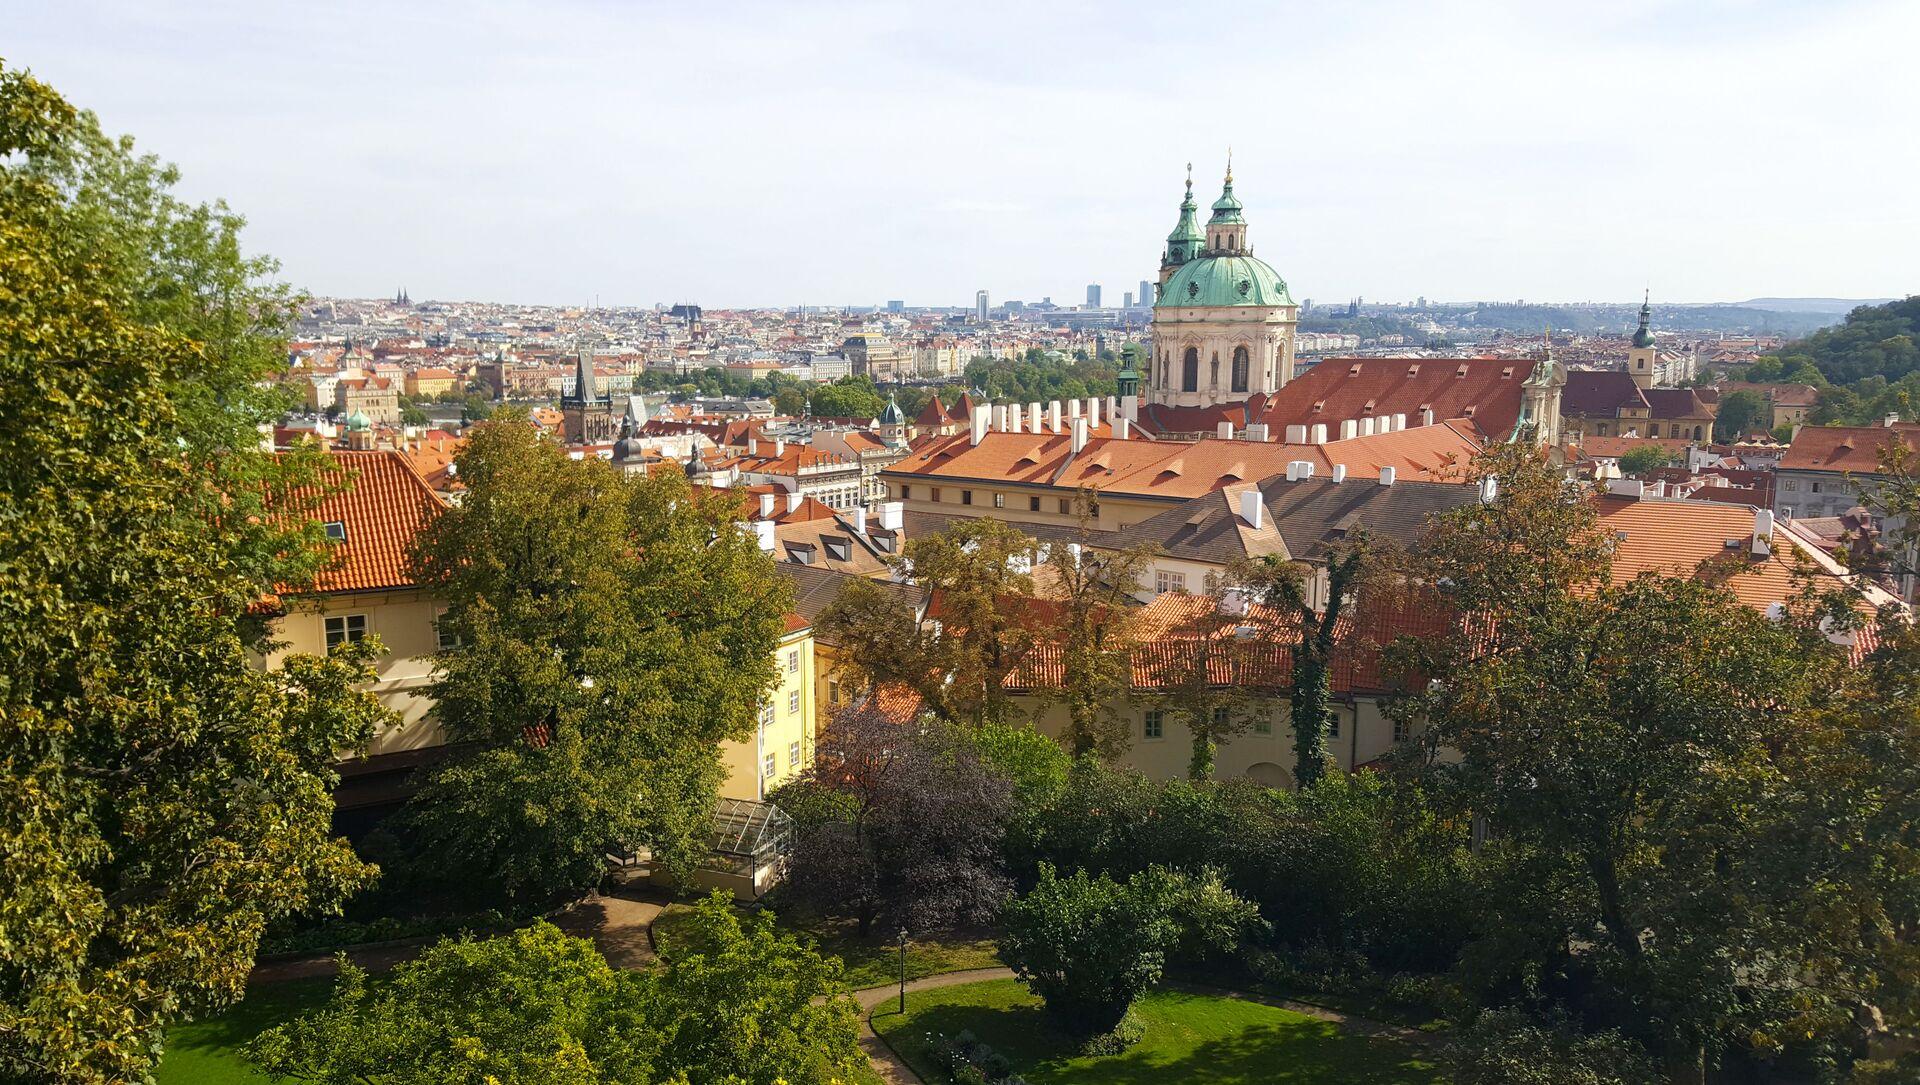 Widok na Pragę, Czechy - Sputnik Polska, 1920, 07.05.2021